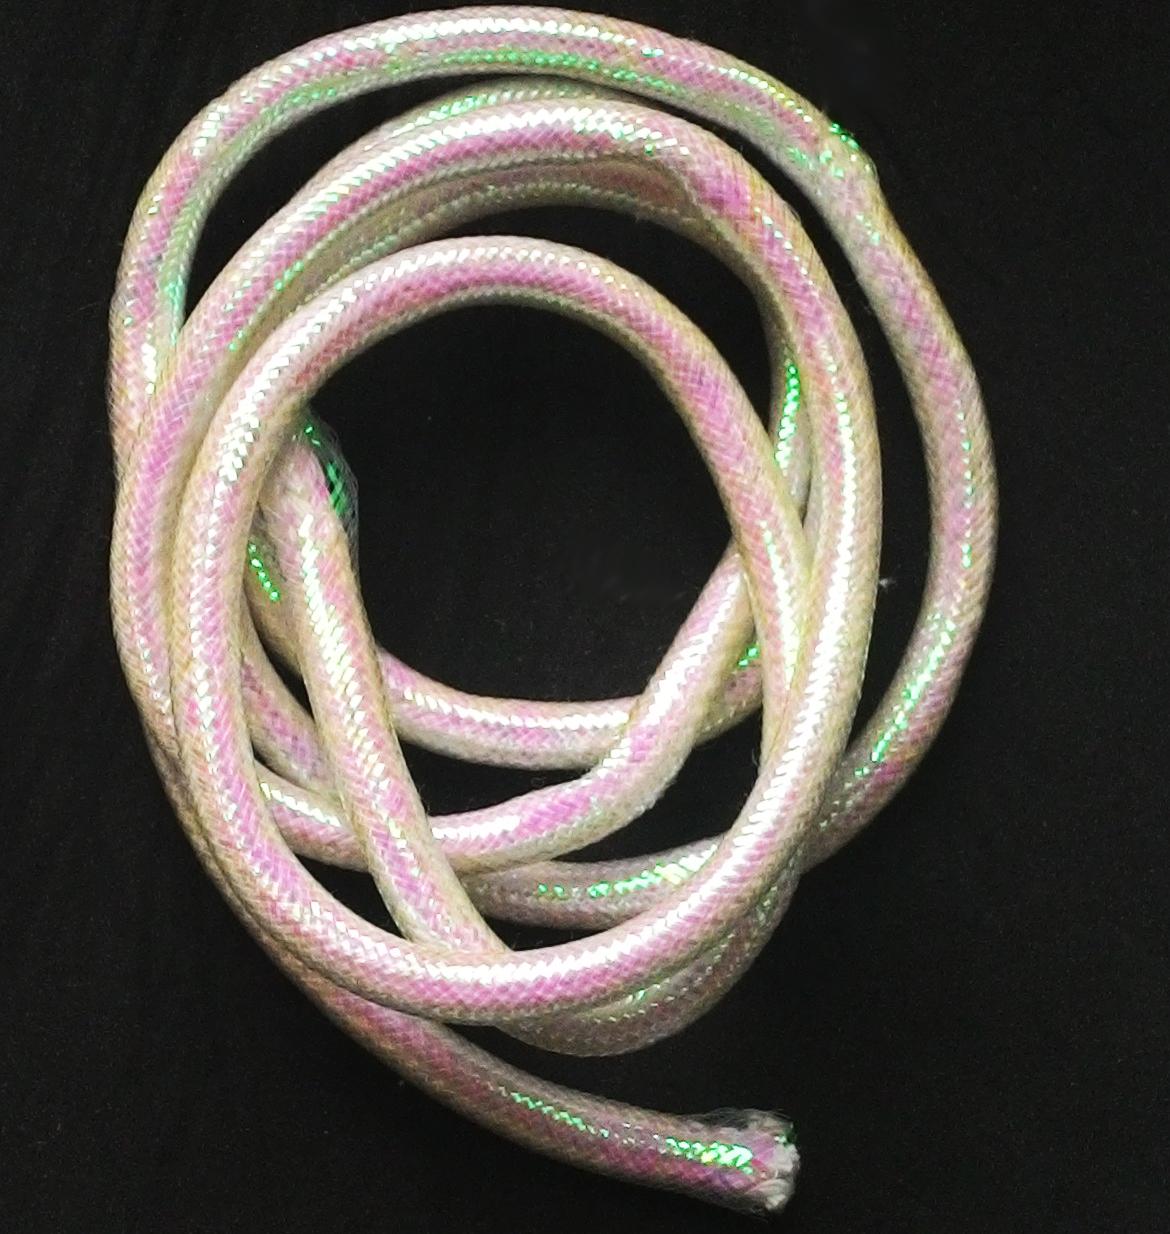 Купить шнур для нахлыста спб